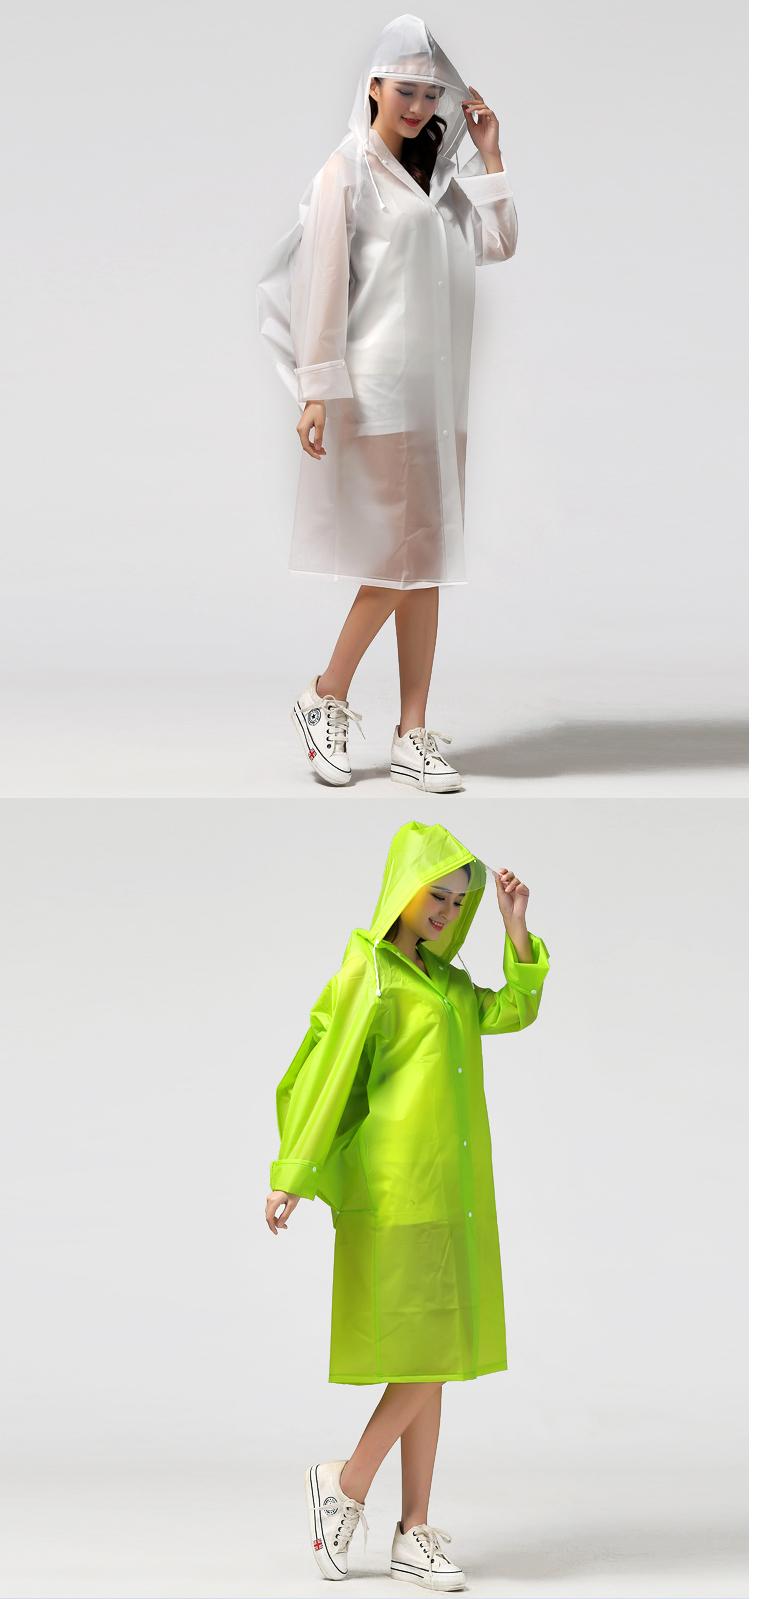 Women Transparent Portable Long Raincoats 22